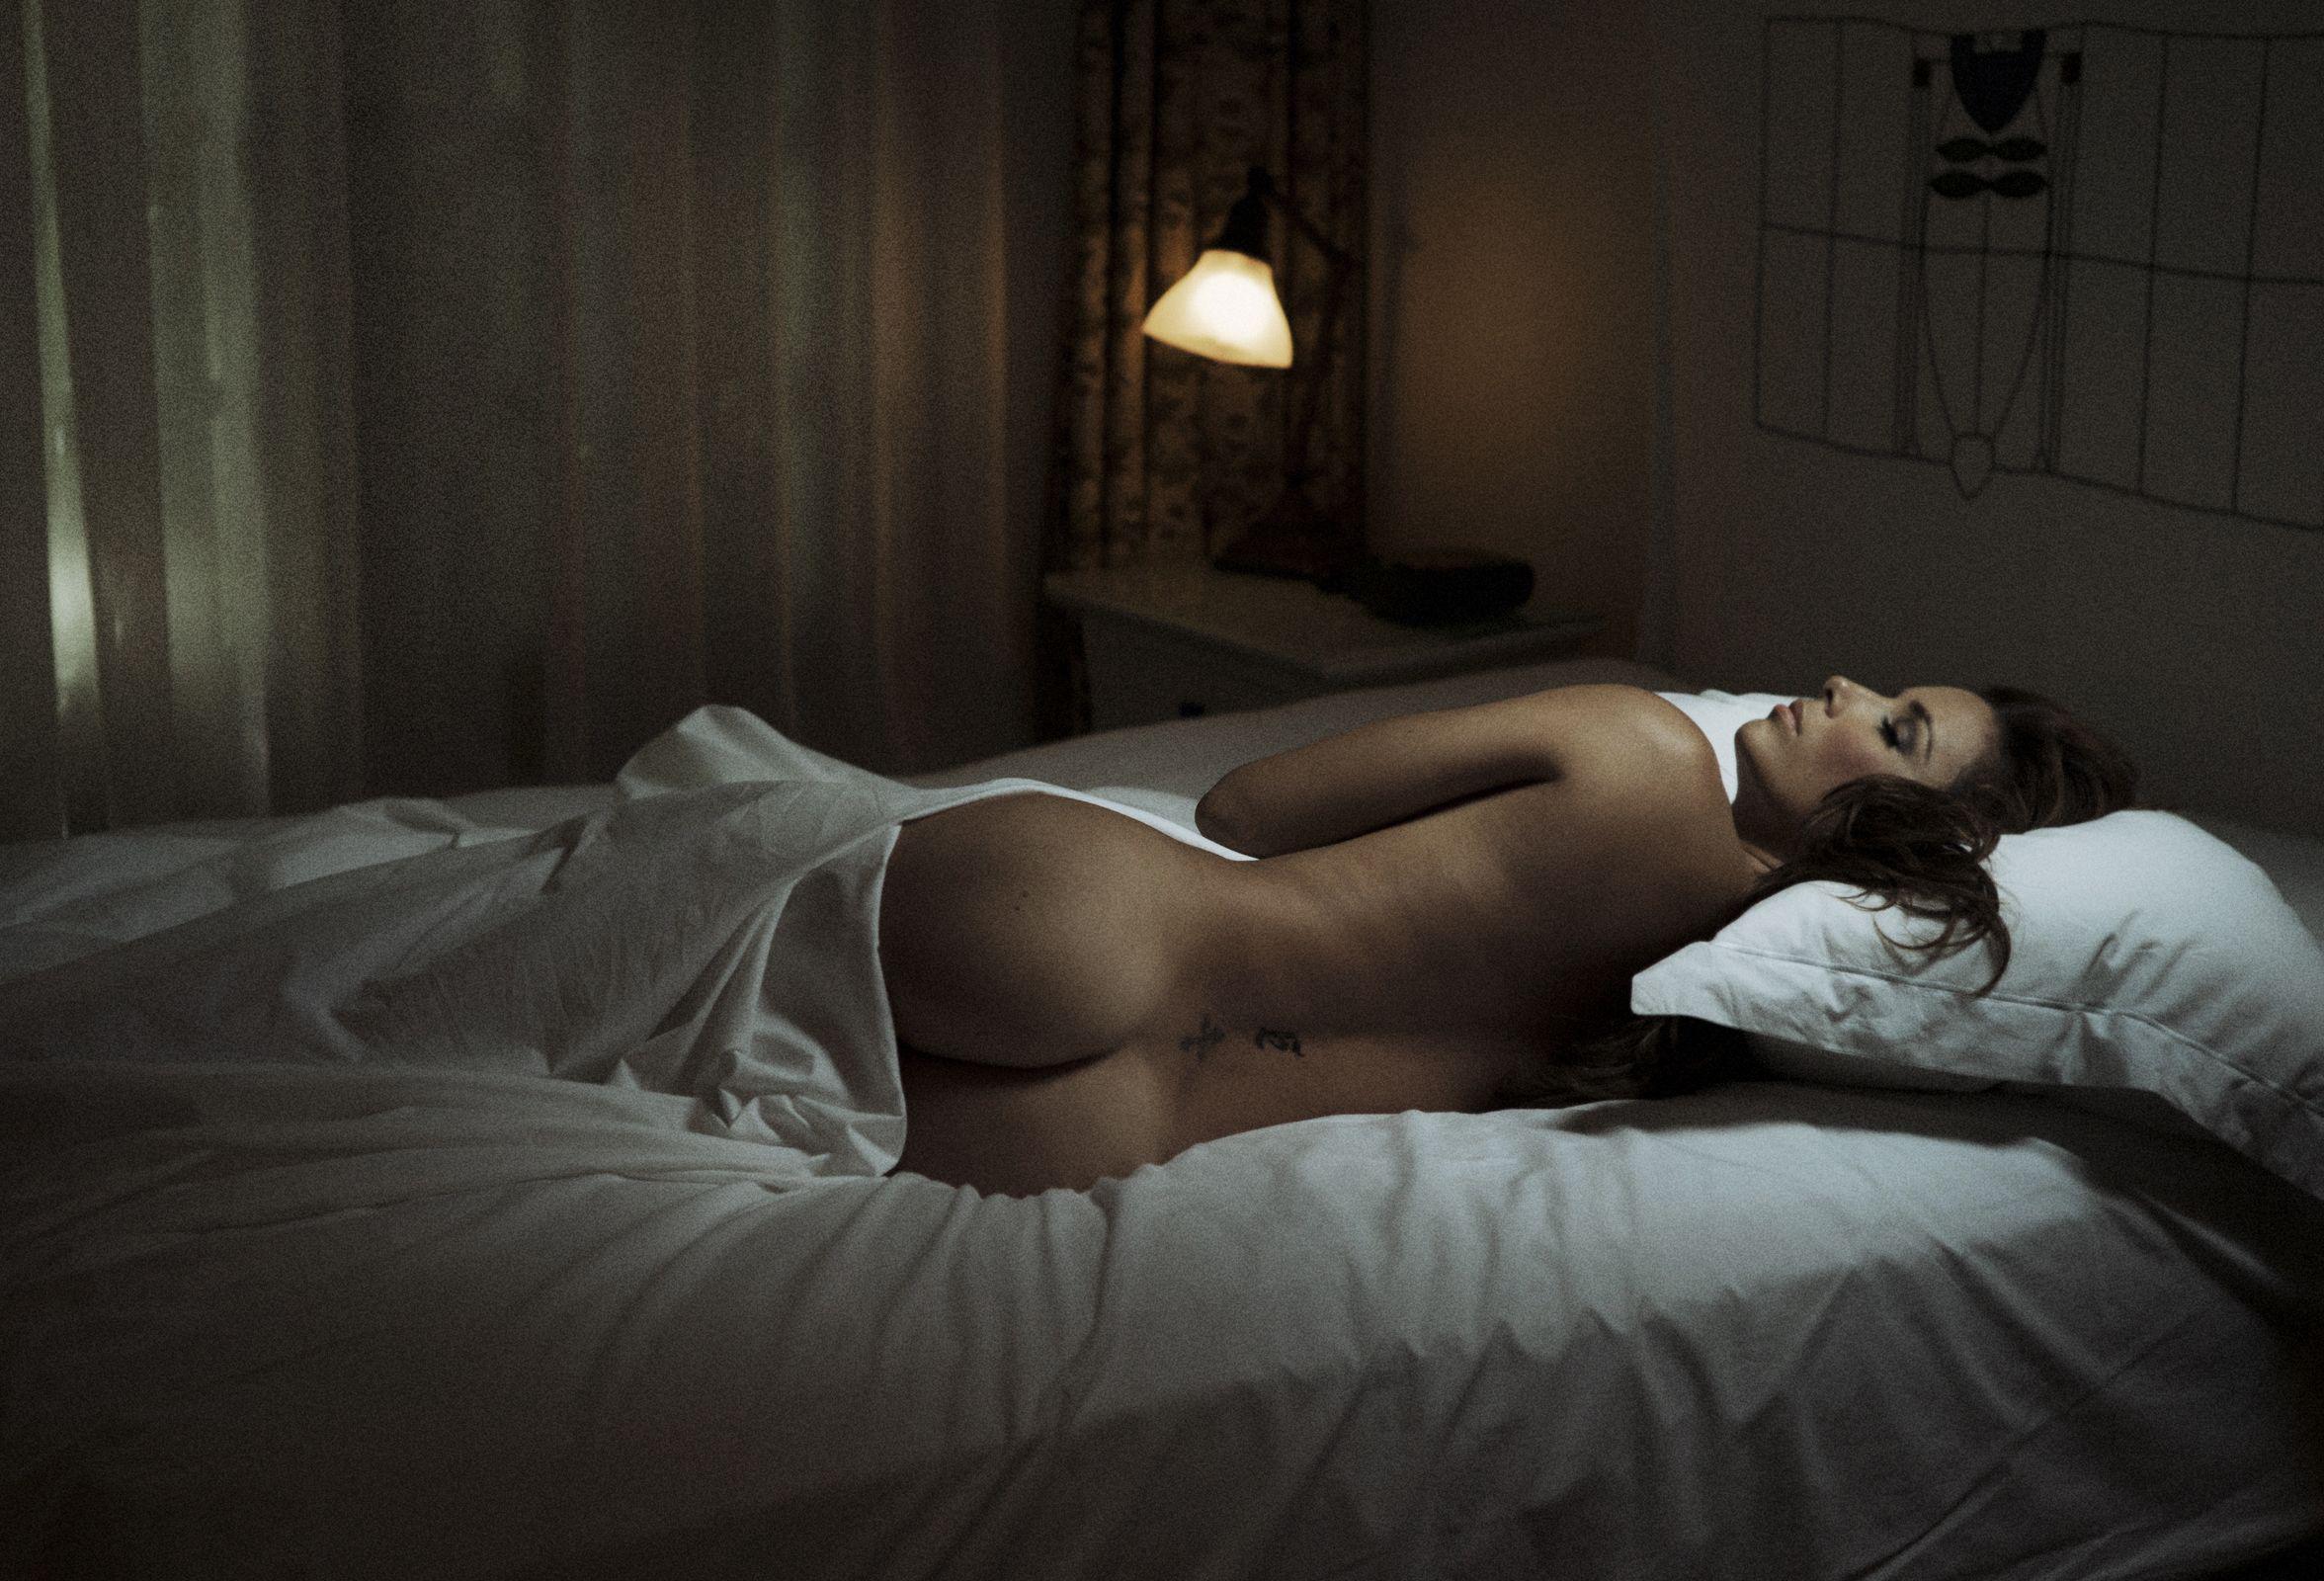 Секс спинкой кровати 18 фотография